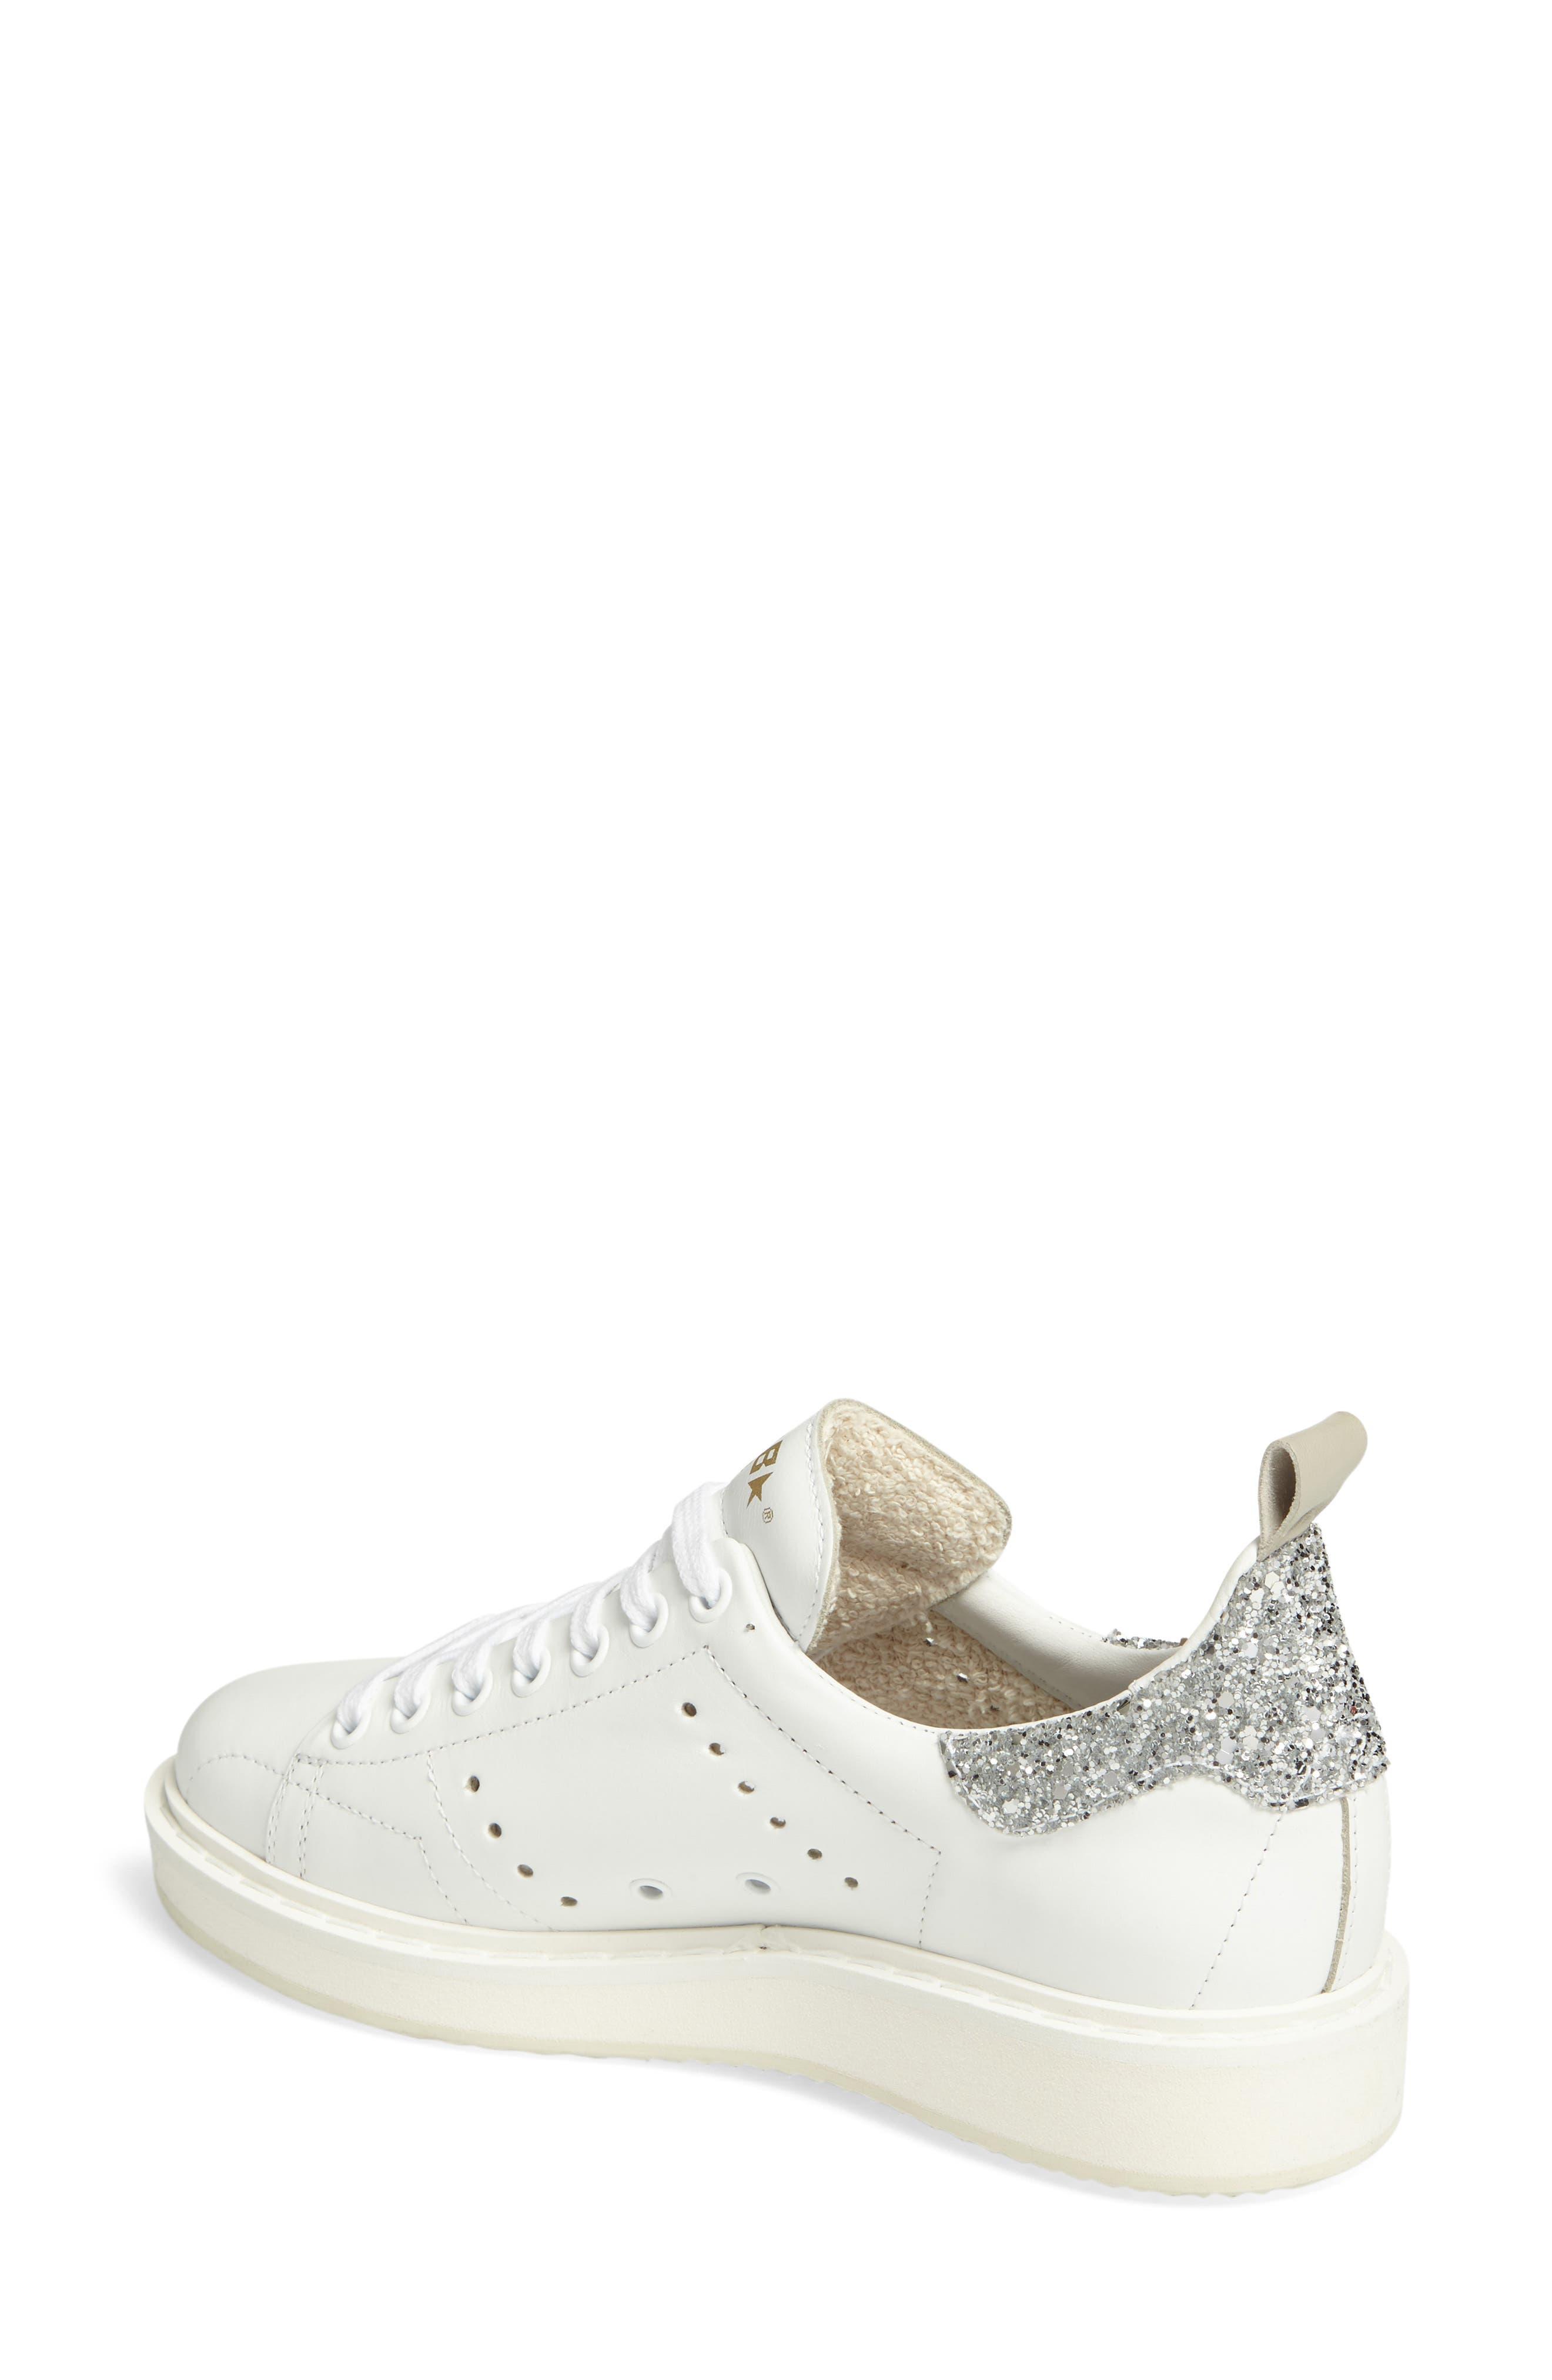 'Starter' Low Top Sneaker,                             Alternate thumbnail 2, color,                             White/ Silver Glitter